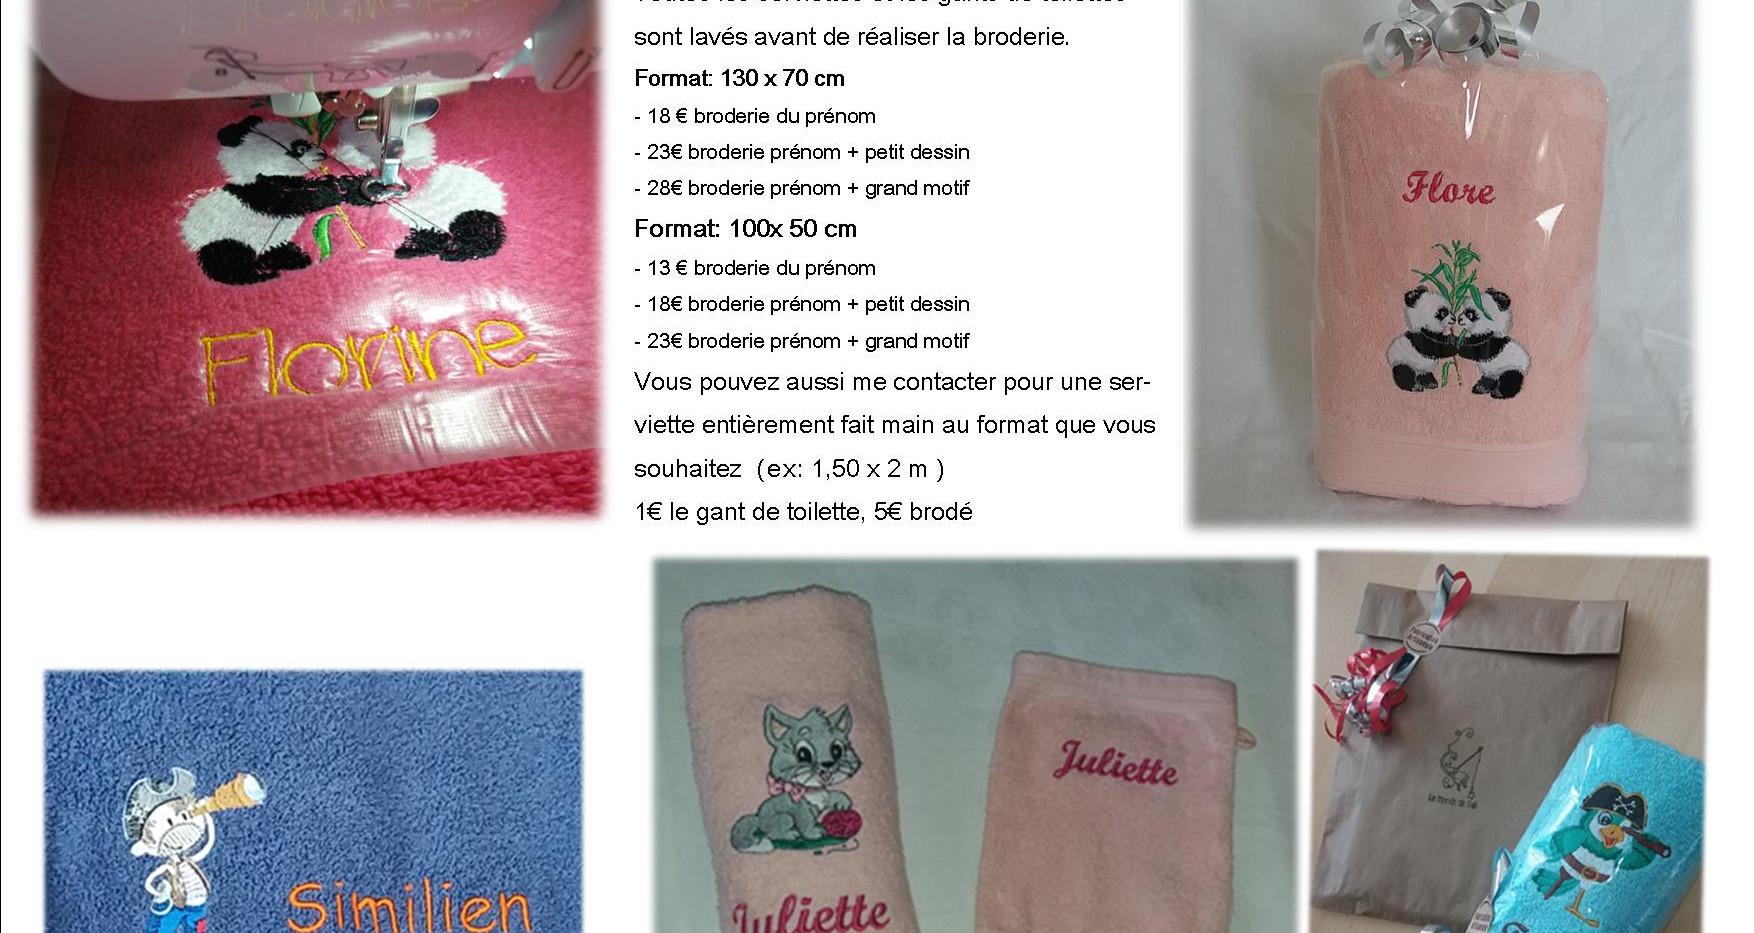 4 serviettes brodees.jpg